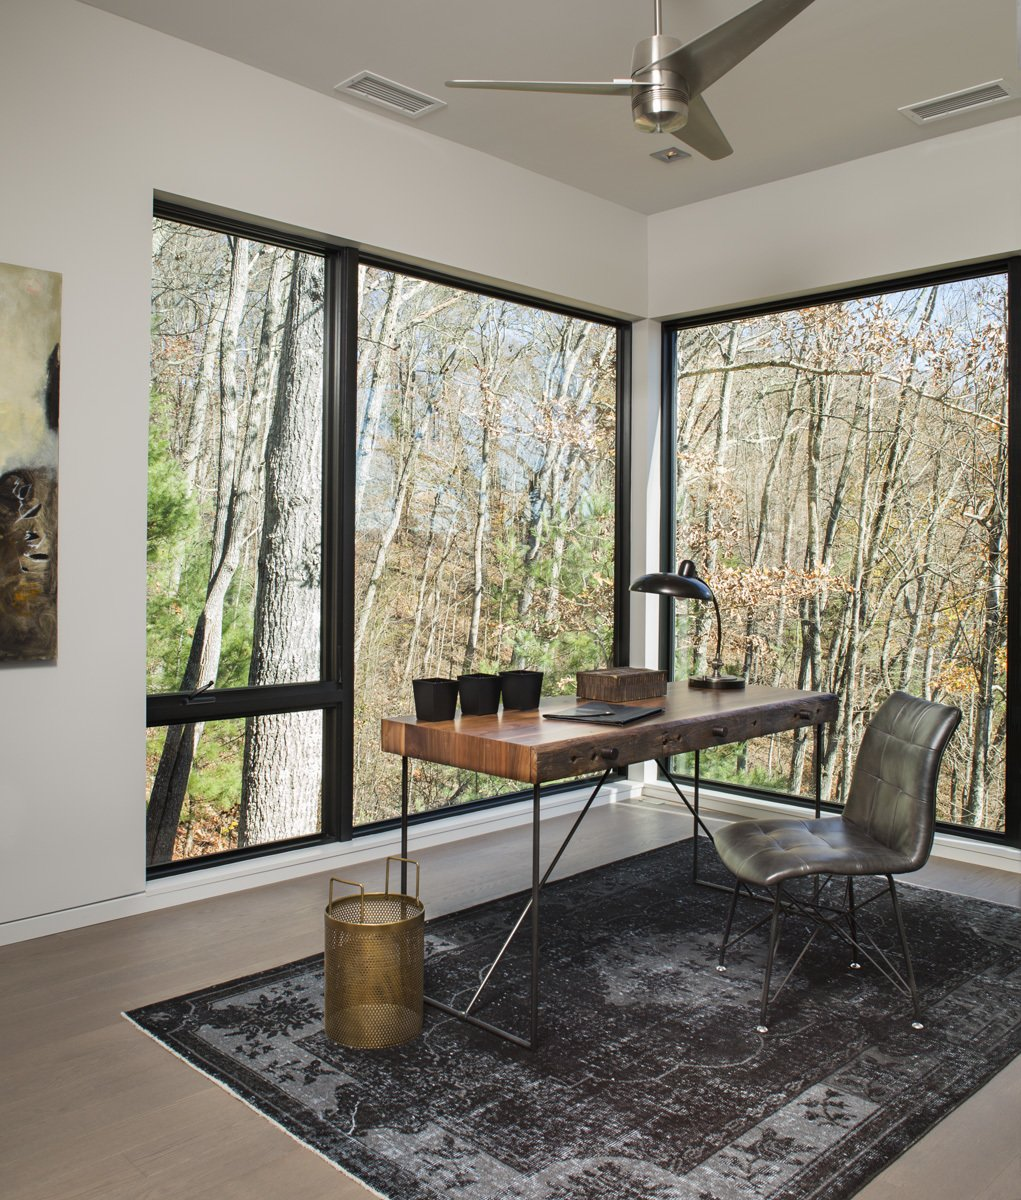 Ciel, a mountaintop Luxury Community in Asheville